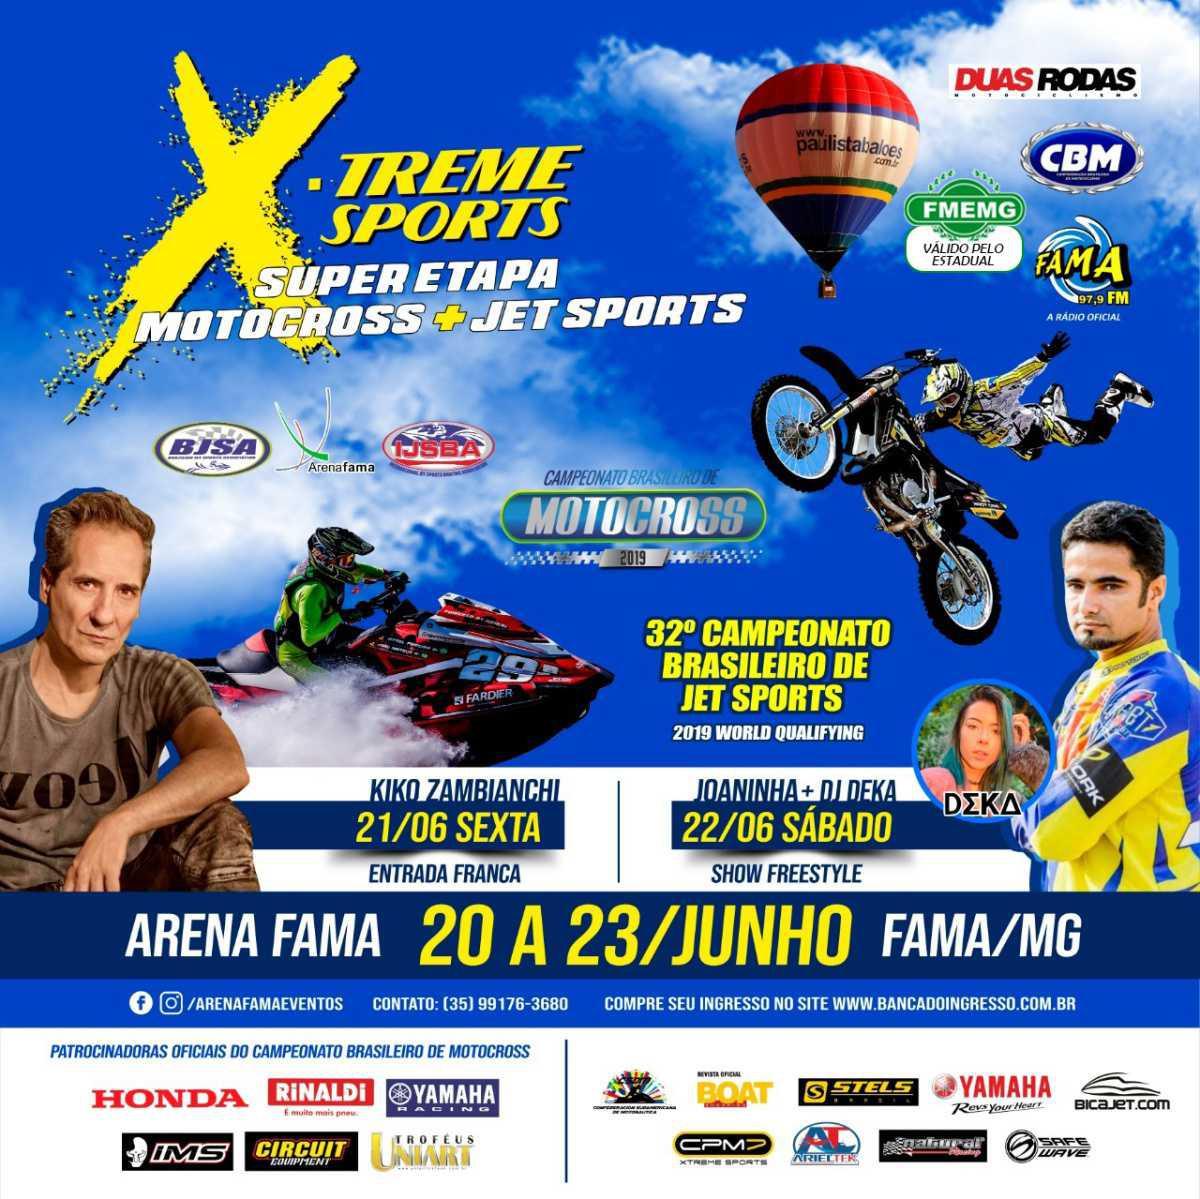 4ª etapa do BRMX será realizada junto com Campeonato Brasileiro de Jet Ski